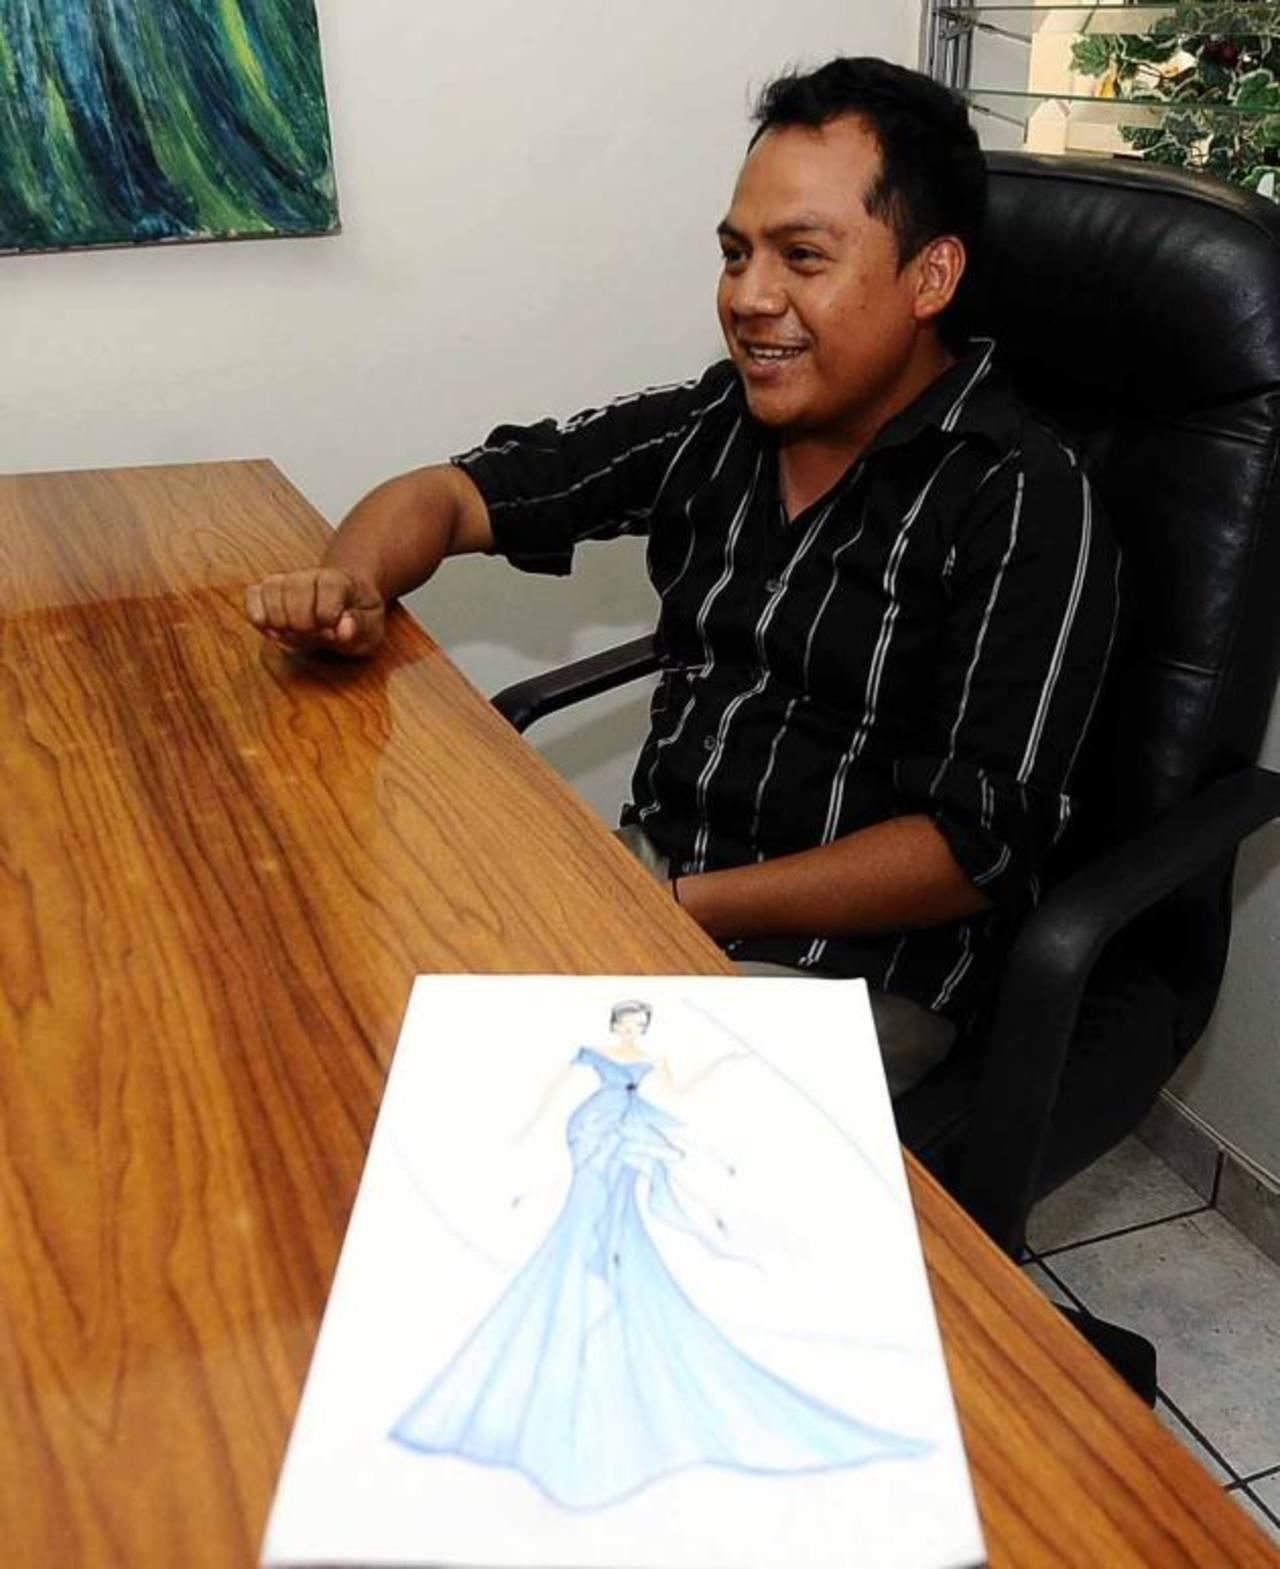 Su talento lo llevó a trabajar con marcas de renombre en el país. Ahora, García inicia la travesía de su negocio. Foto EDH/archivo